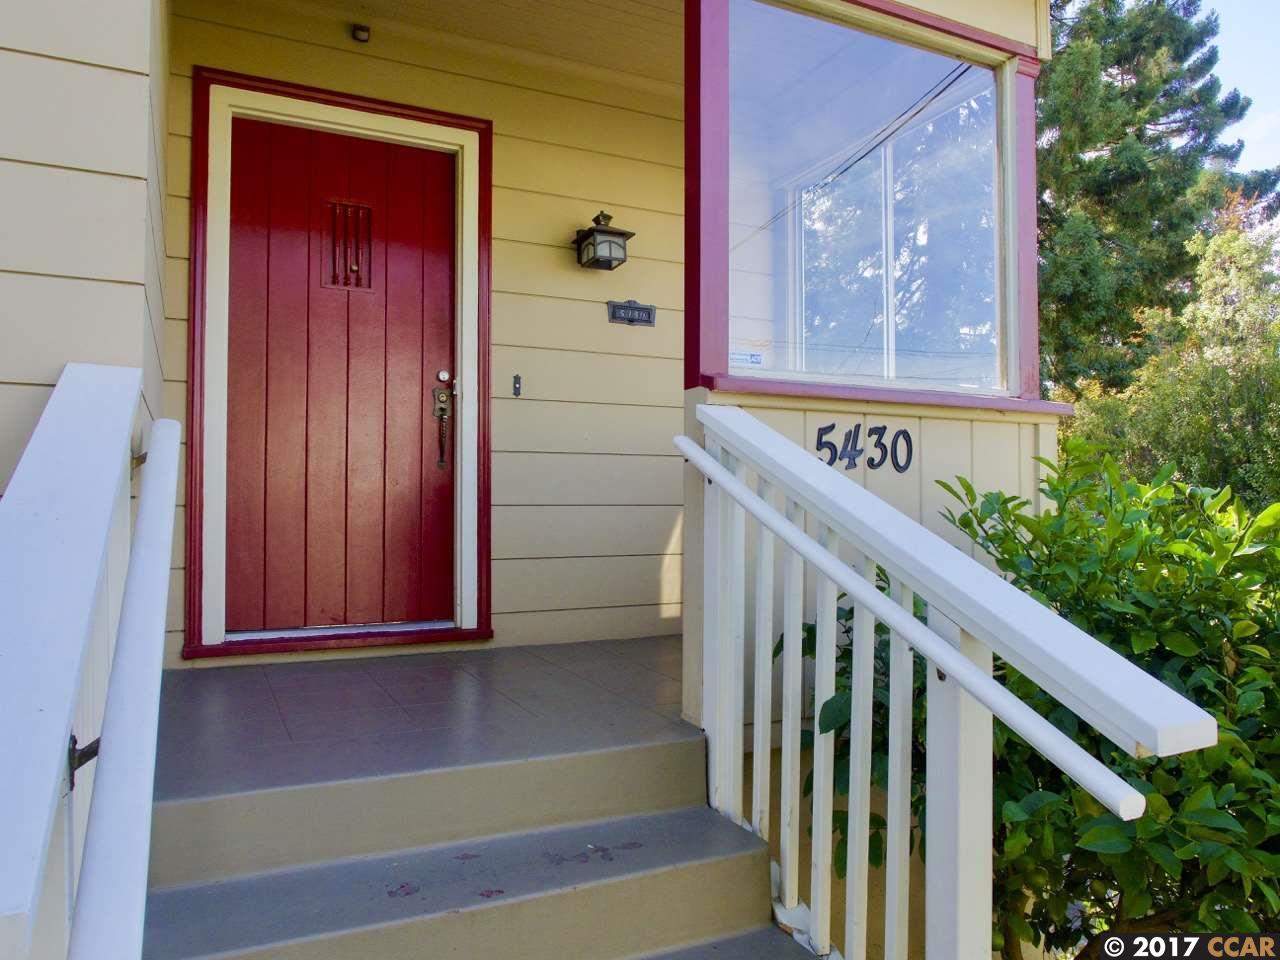 واحد منزل الأسرة للـ Rent في 5430 Zara 5430 Zara El Cerrito, California 94530 United States